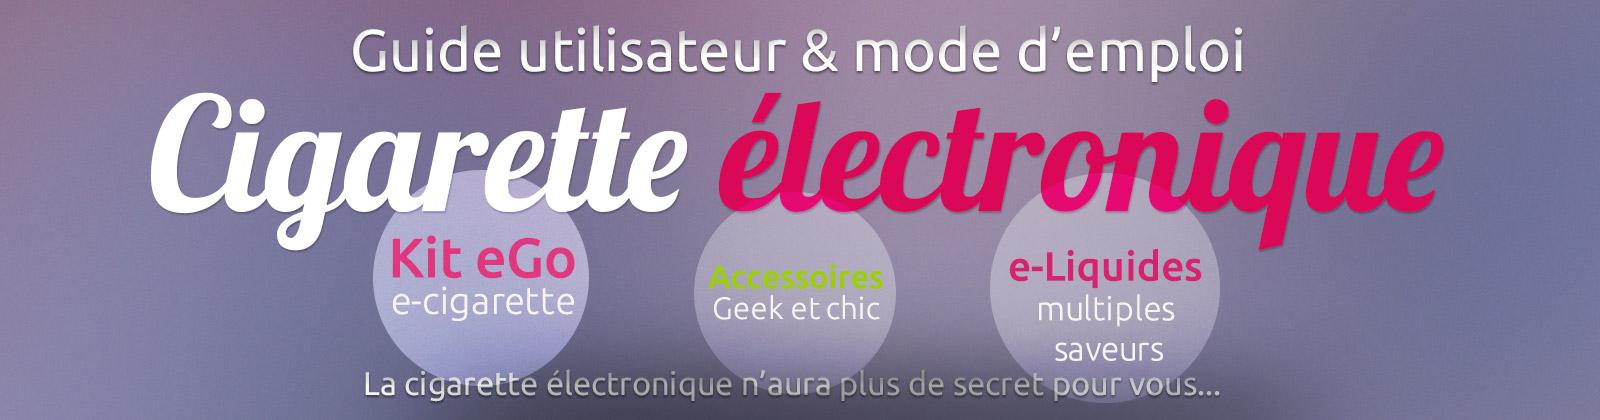 guide utilisation cigarette électronique